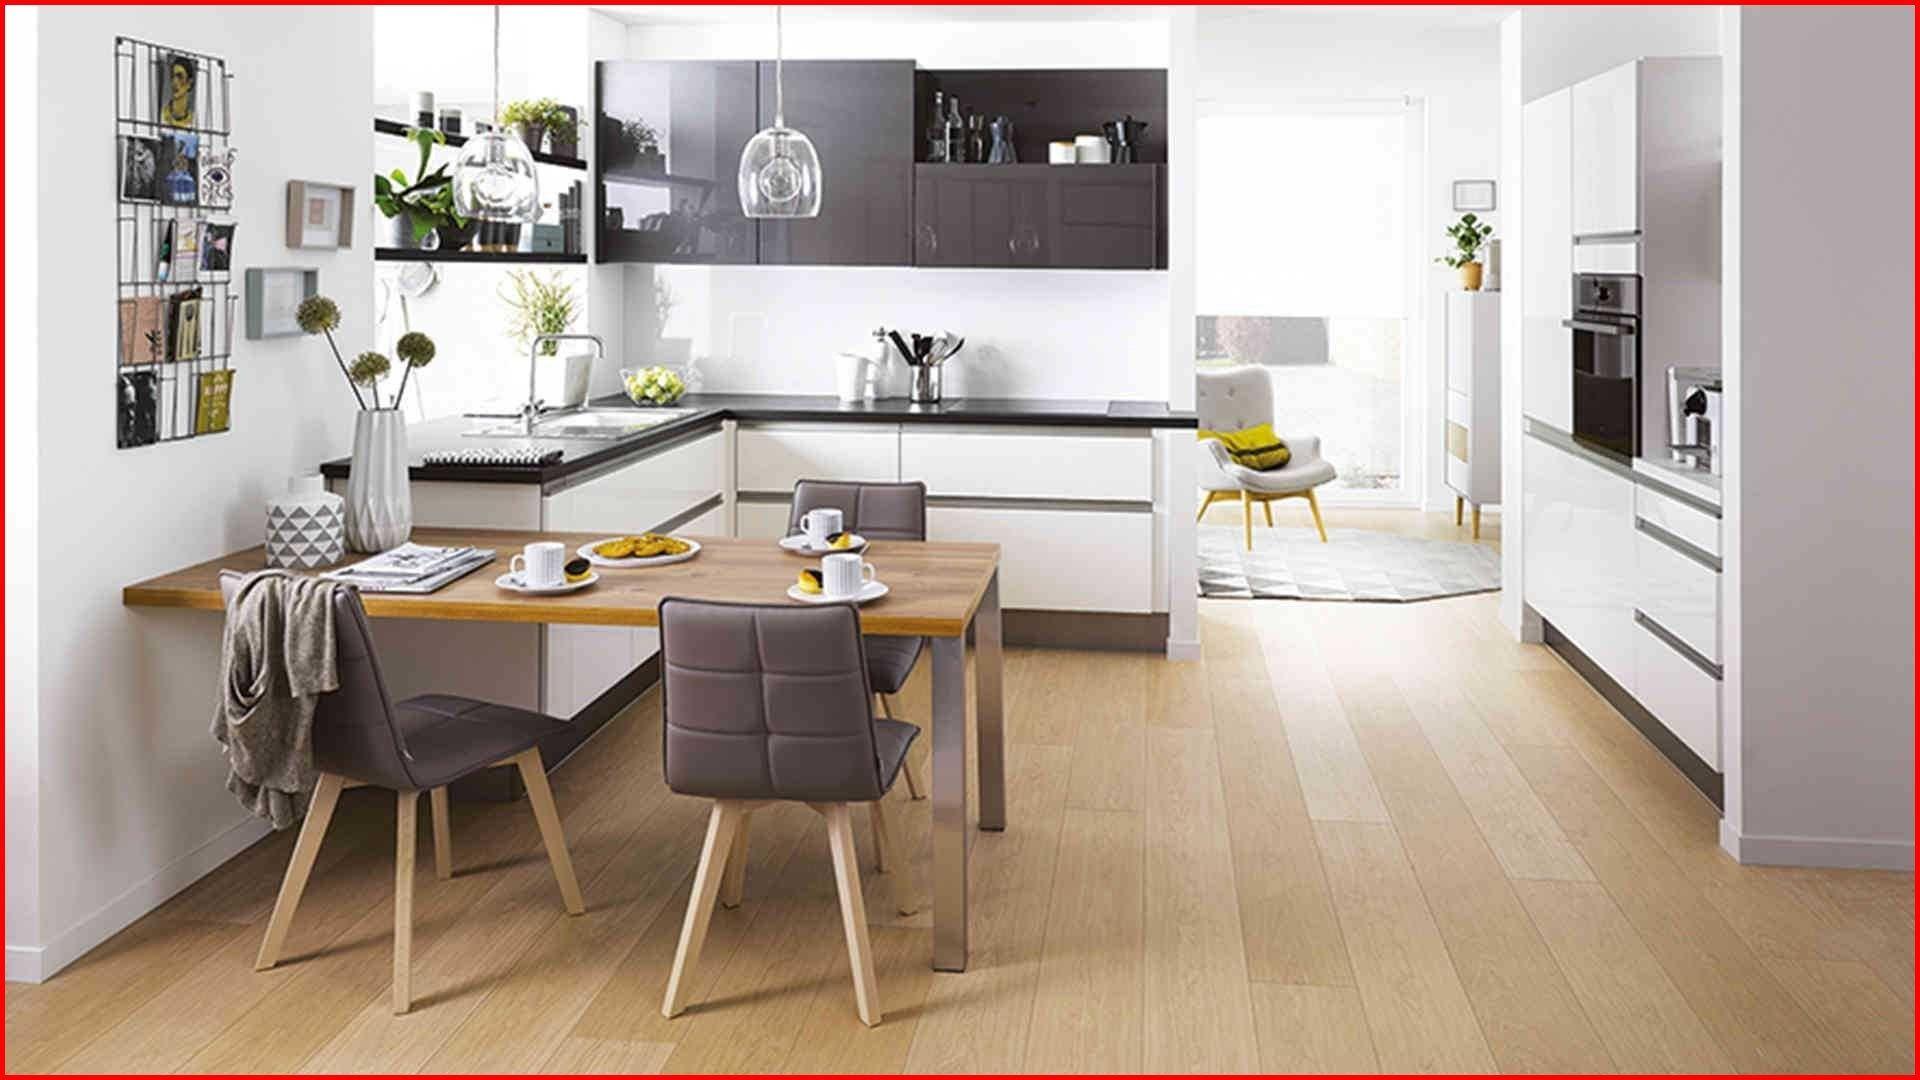 Cuisine am nag e avec table int gr e cuisine ouverte ilot galerie d co en 2019 meuble - Cuisine avec table ...